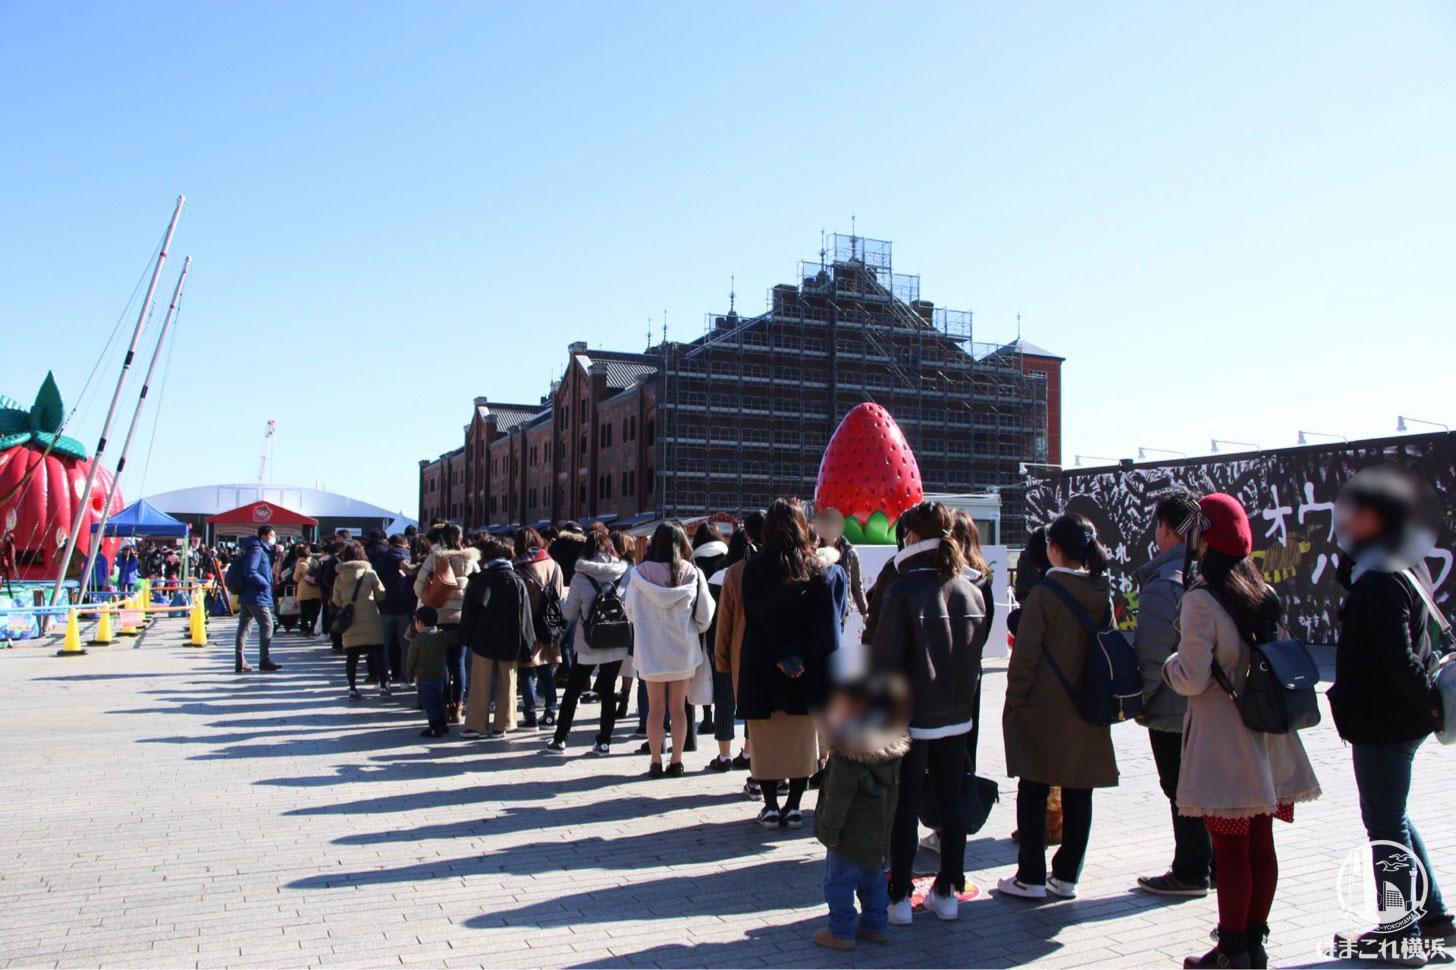 ストロベリー フェスティバル 2019 初日行列